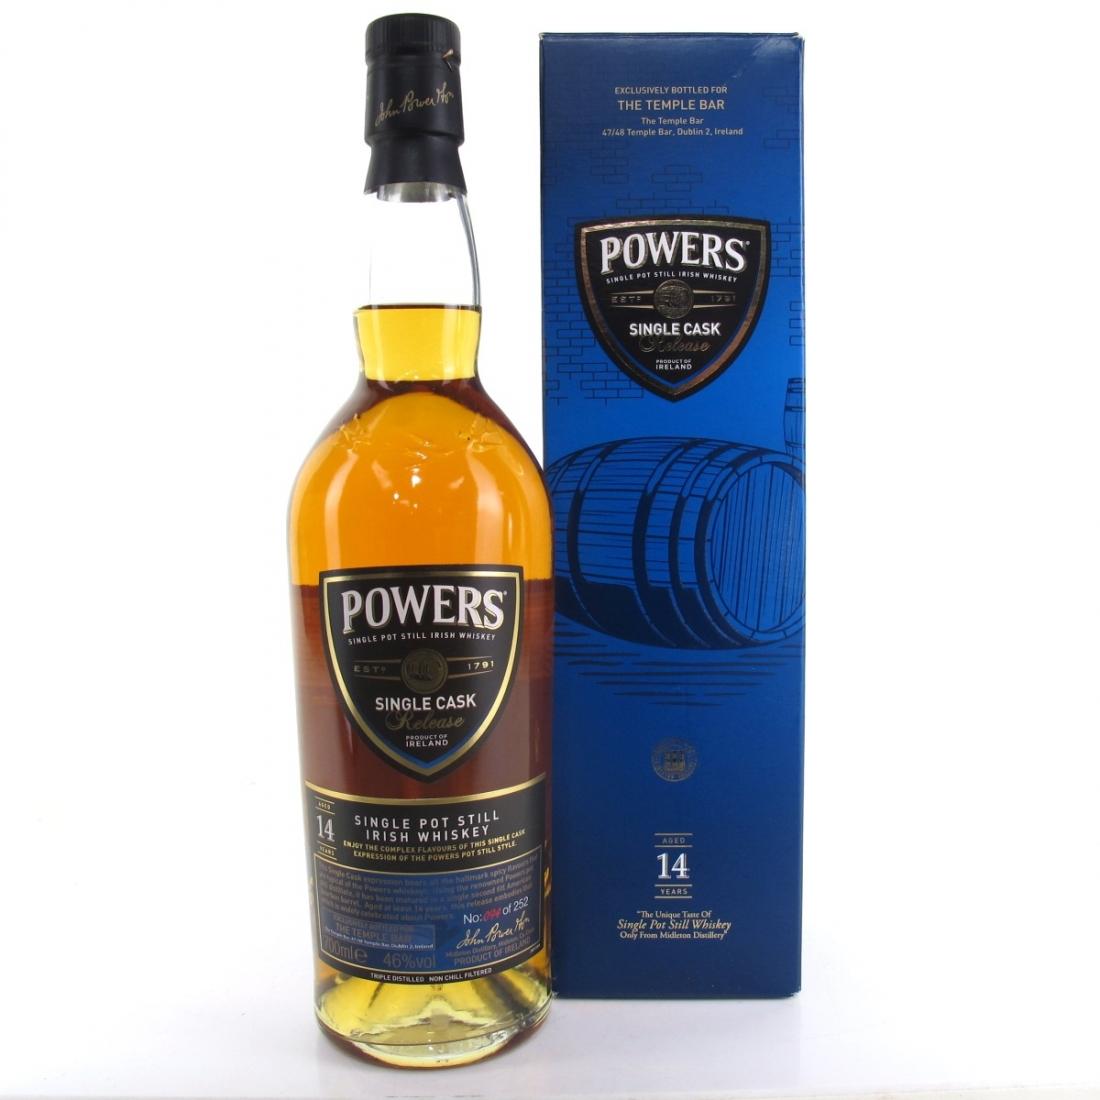 Powers 14 Year Old Single Cask / Temple Bar Dublin